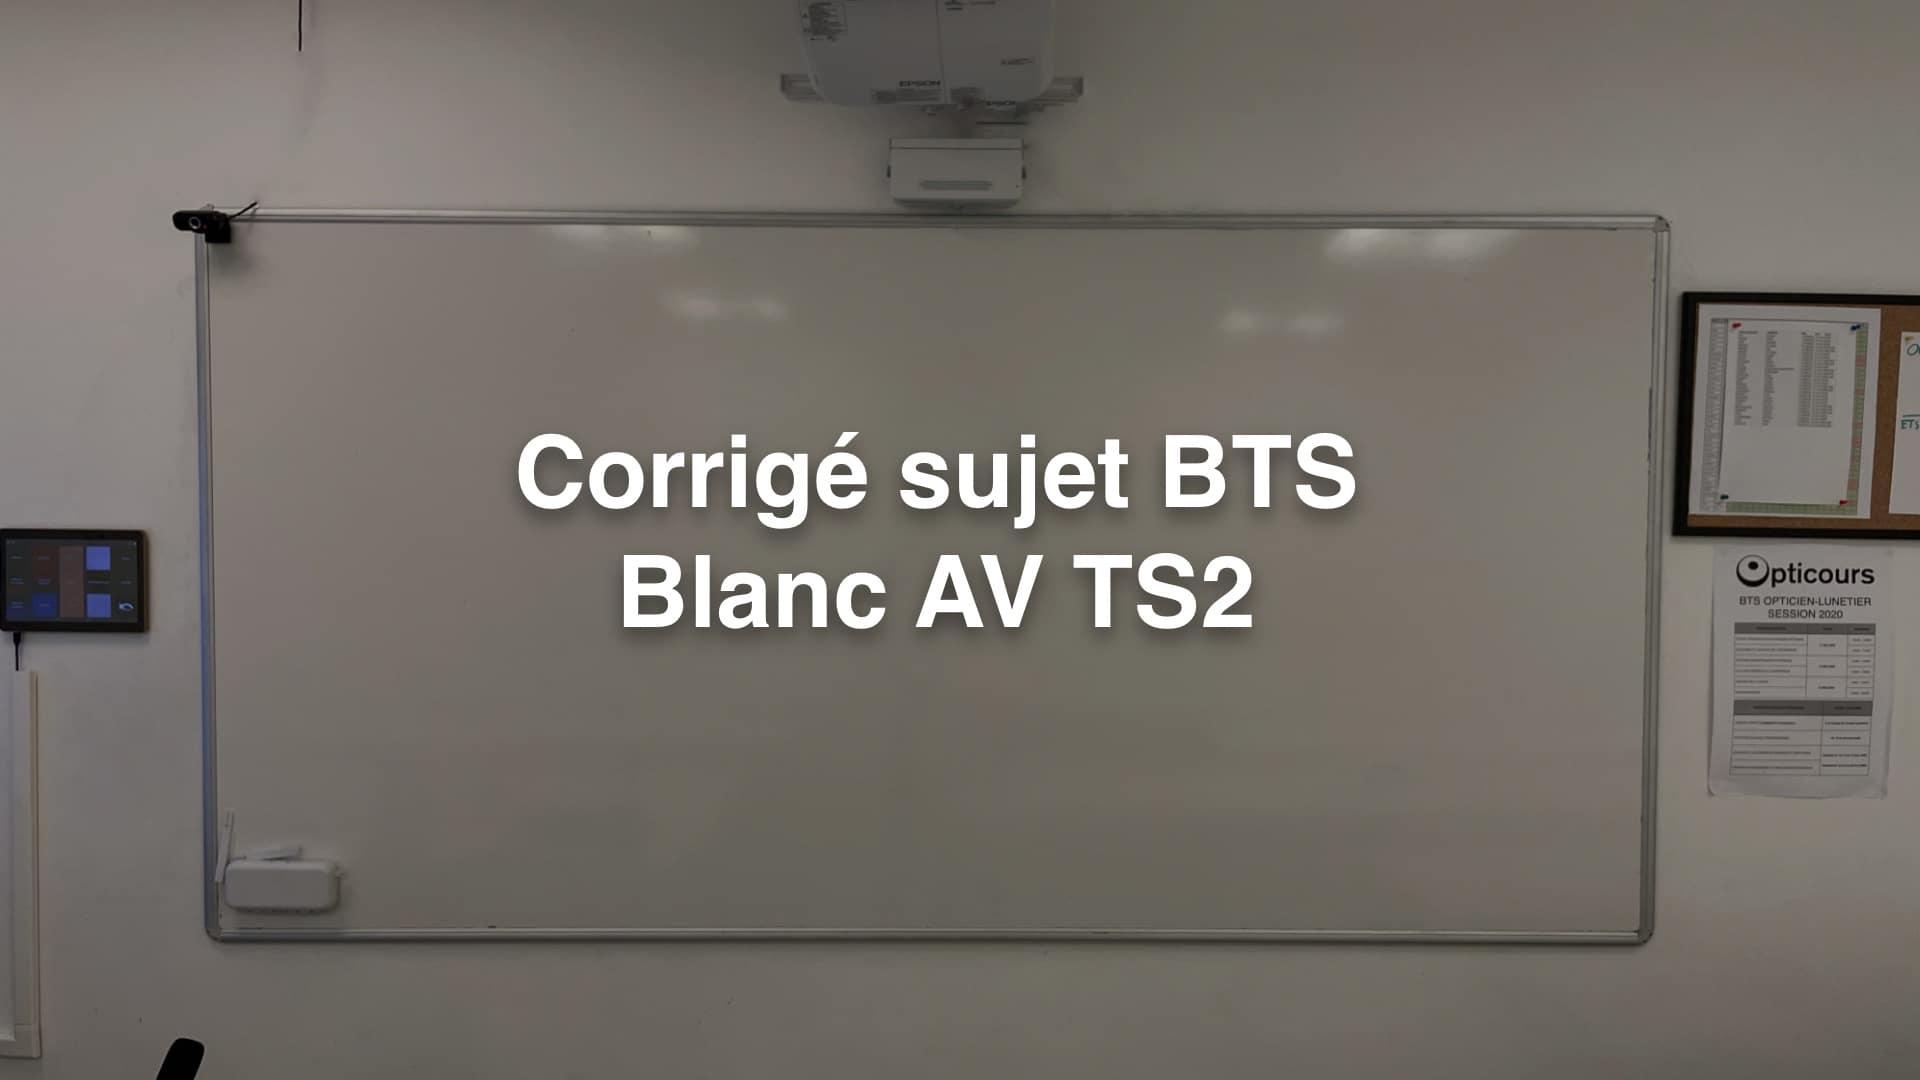 Corrigé sujet BTS Blanc AV TS2